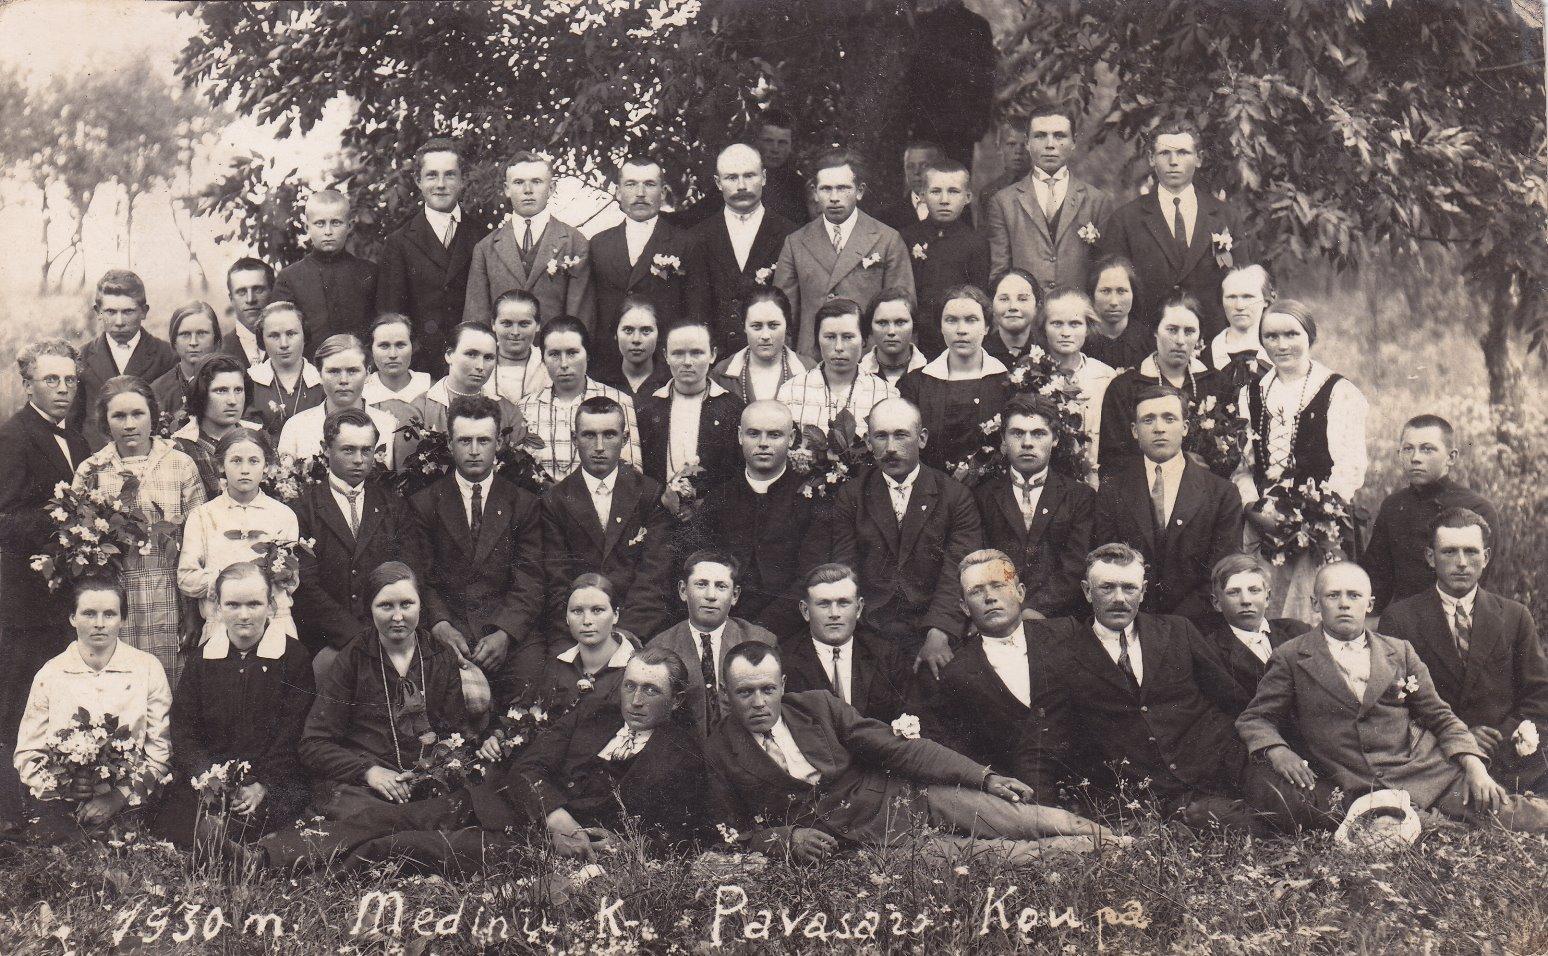 Medinių kaimo pavasarininkų kuopa. 1930 m.